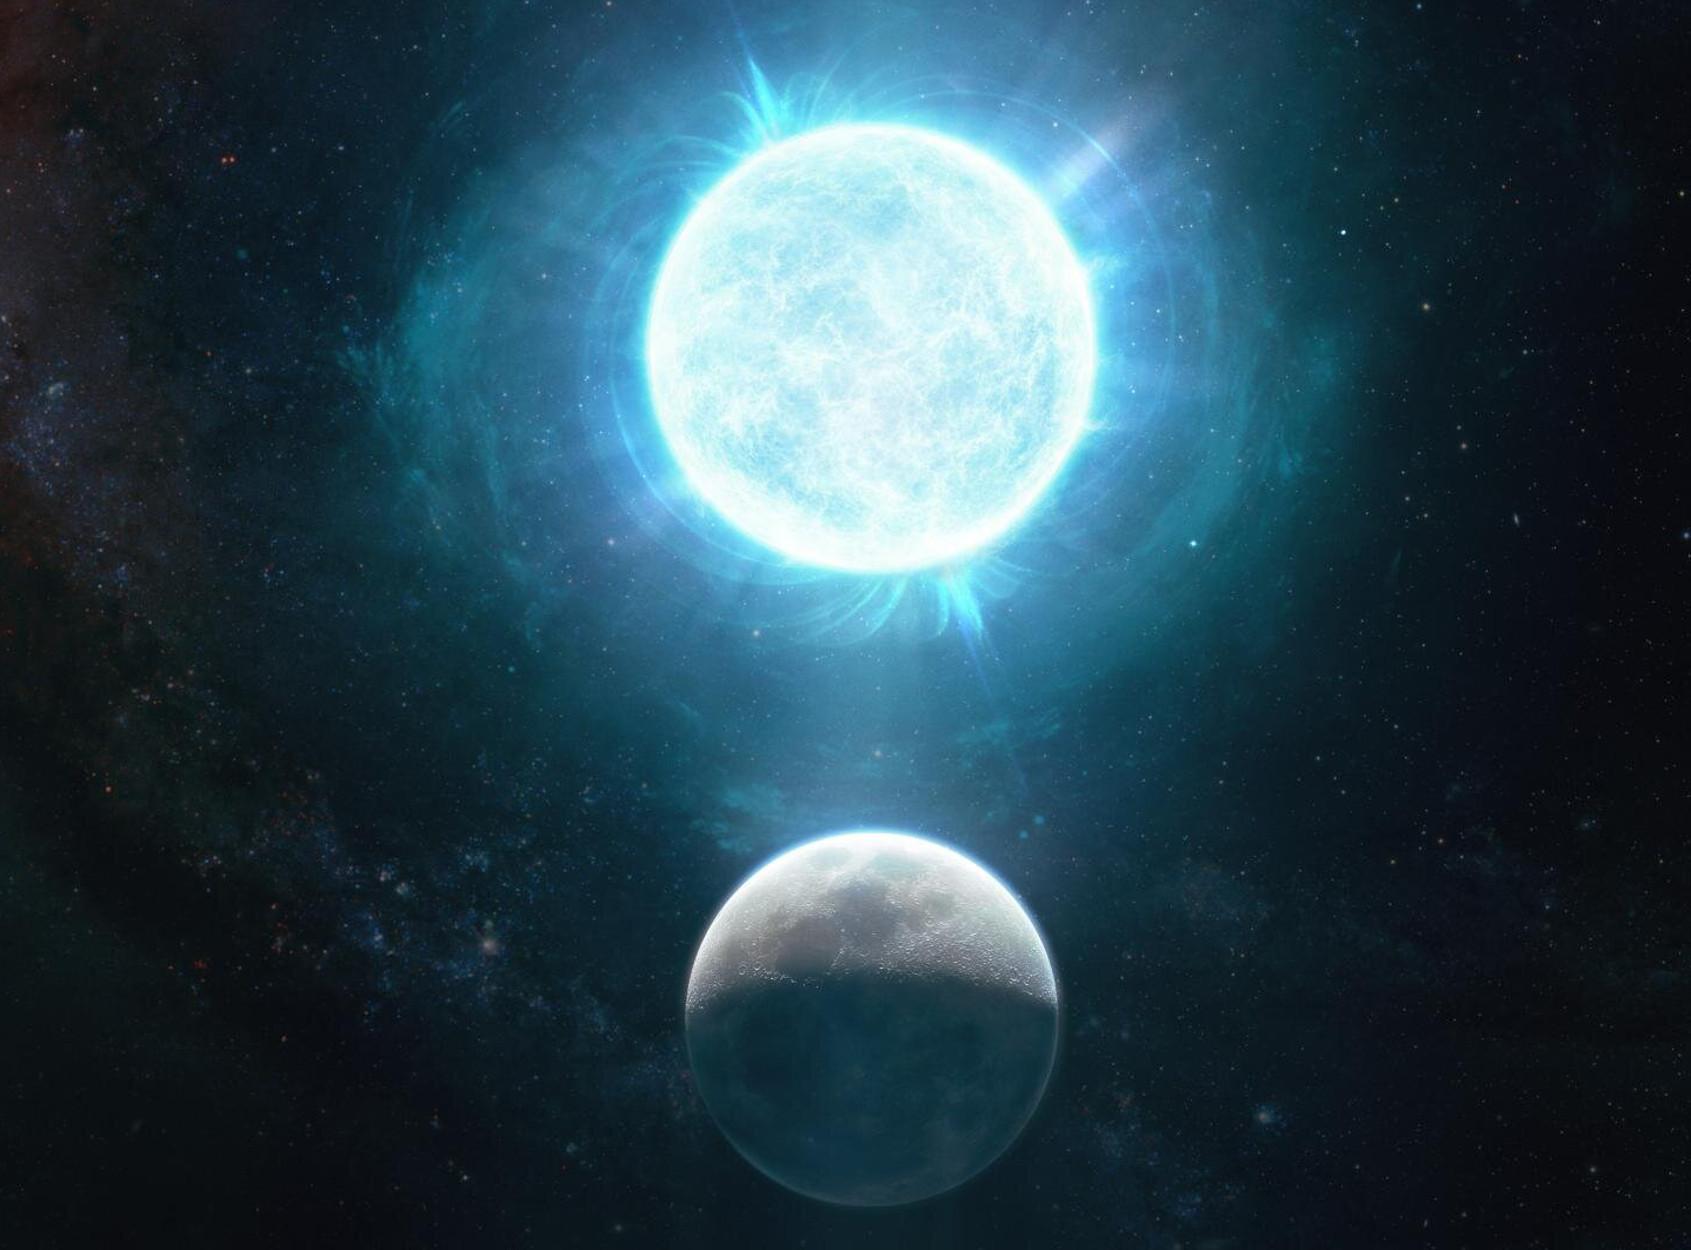 Βρέθηκε το μικρότερο άστρο – λευκός νάνος! Μέγεθος σελήνης και μάζα… μεγαλύτερη απ' τον ήλιο (pic)